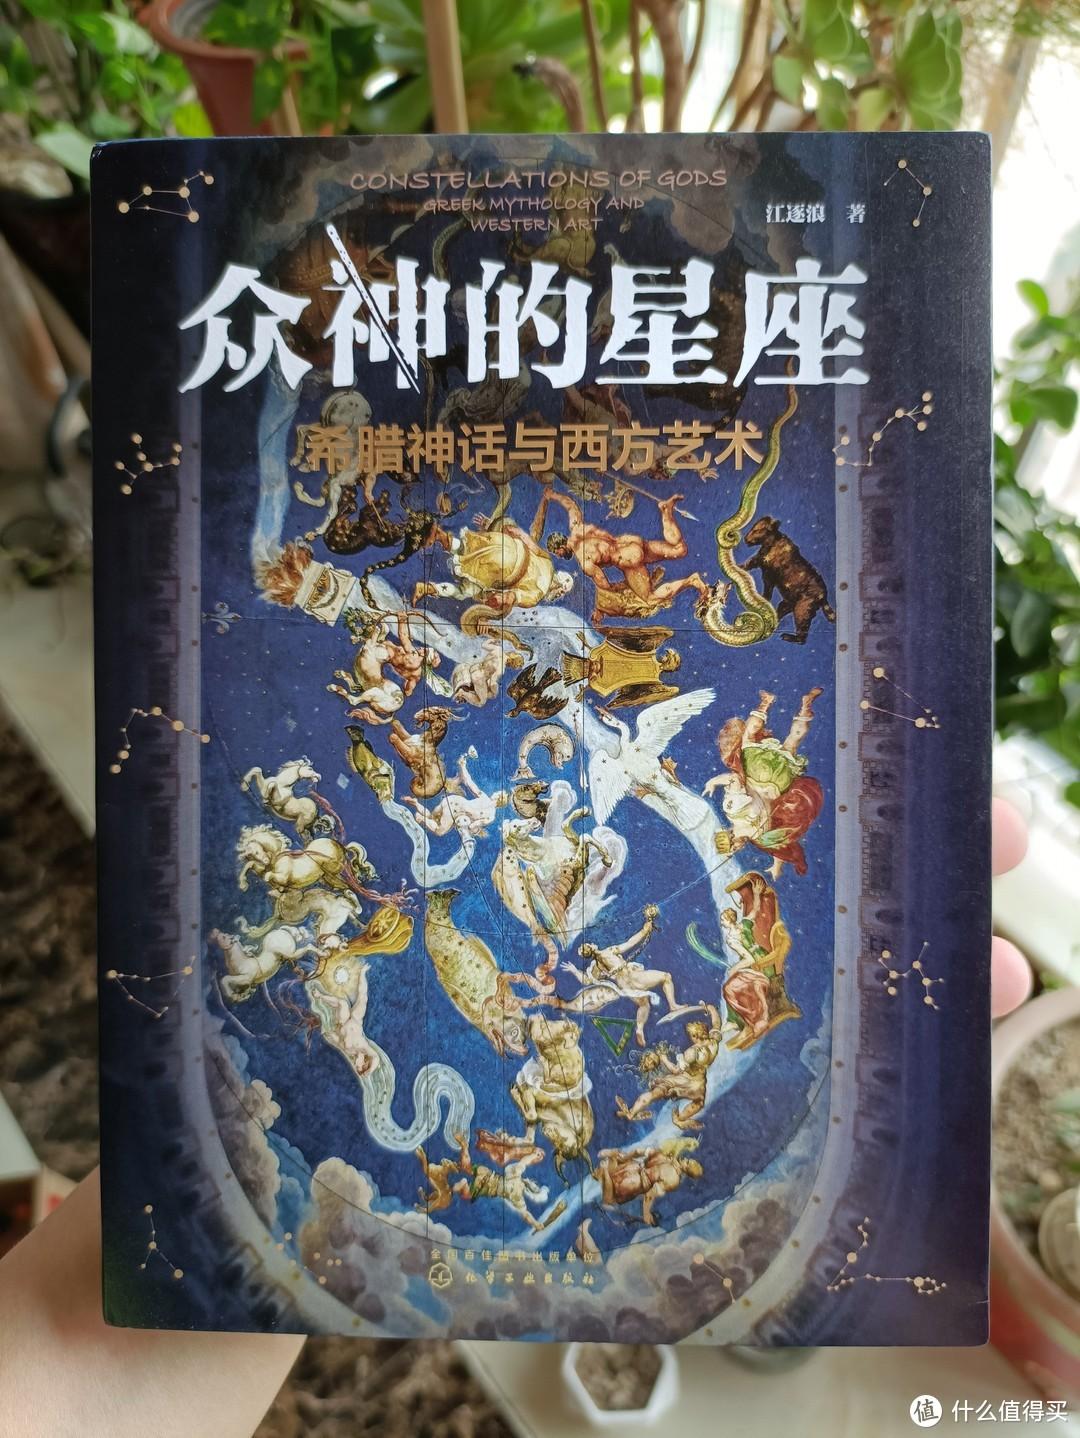 燃烧吧,我的小宇宙-《众神的星座:希腊神话和西方艺术》读后感